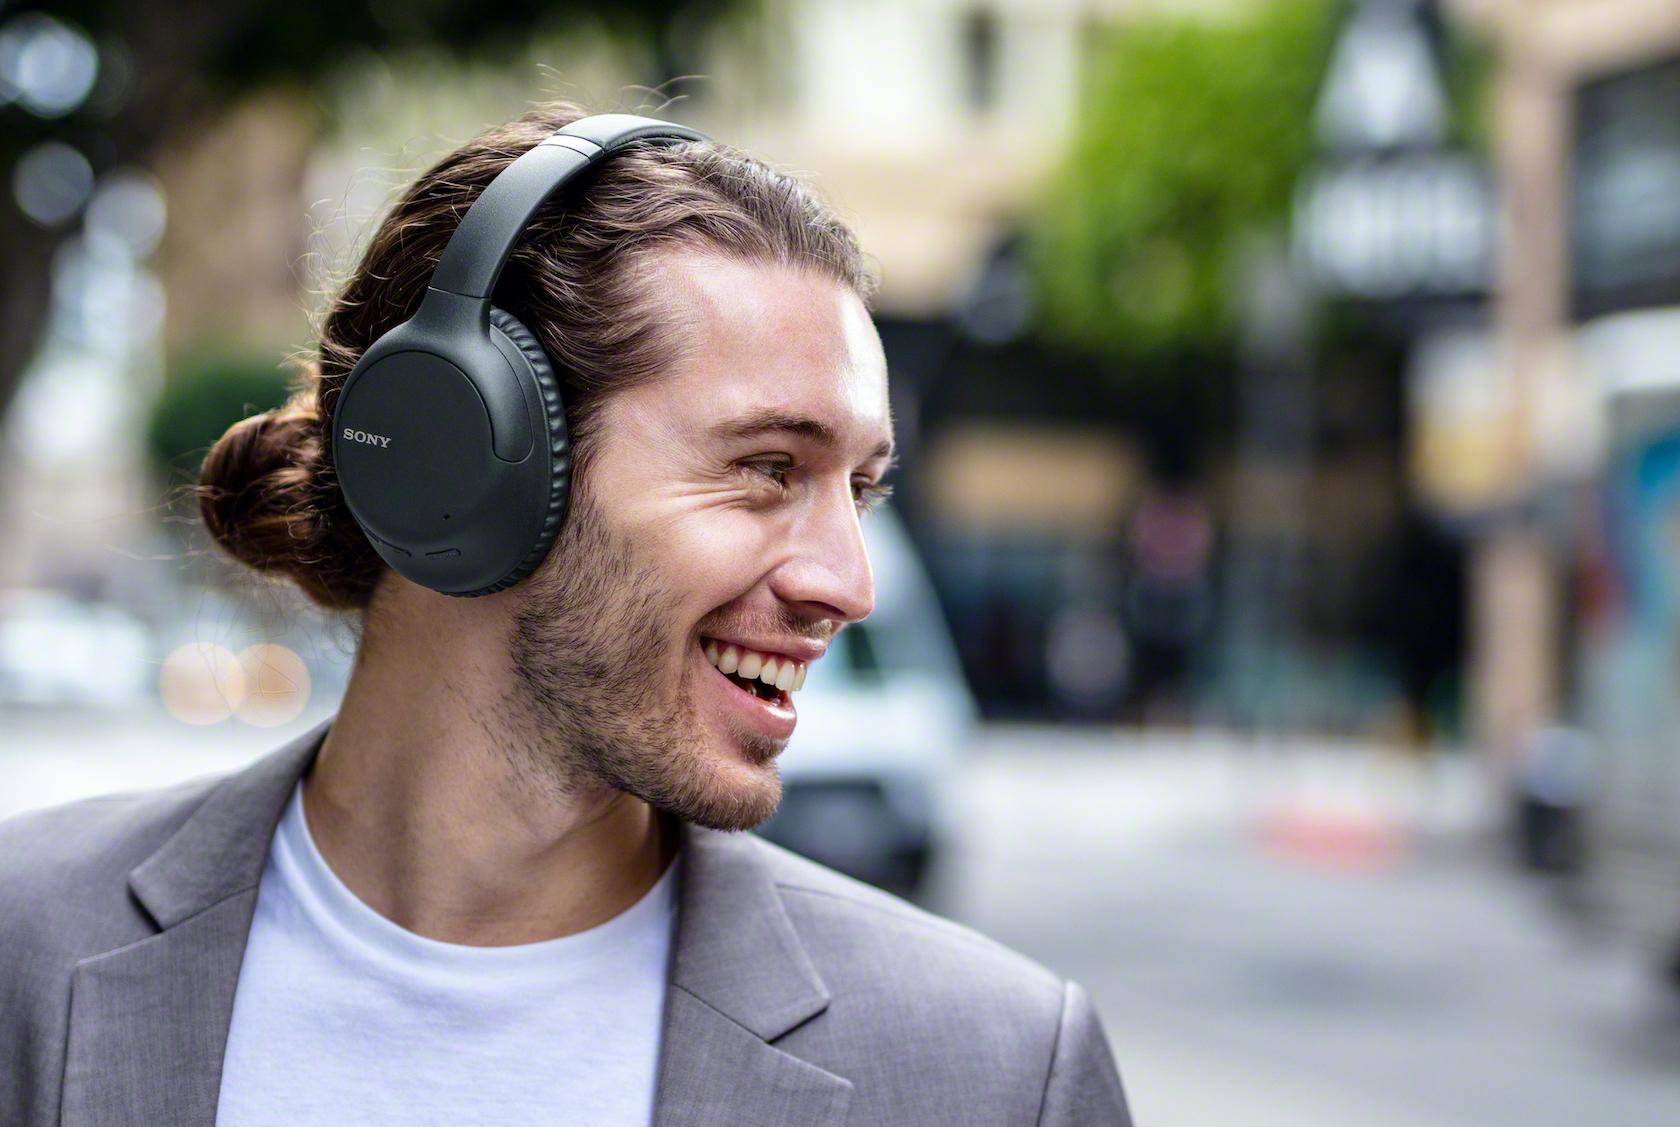 Sony lança novo fone com cancelamento de ruído por US$ 200